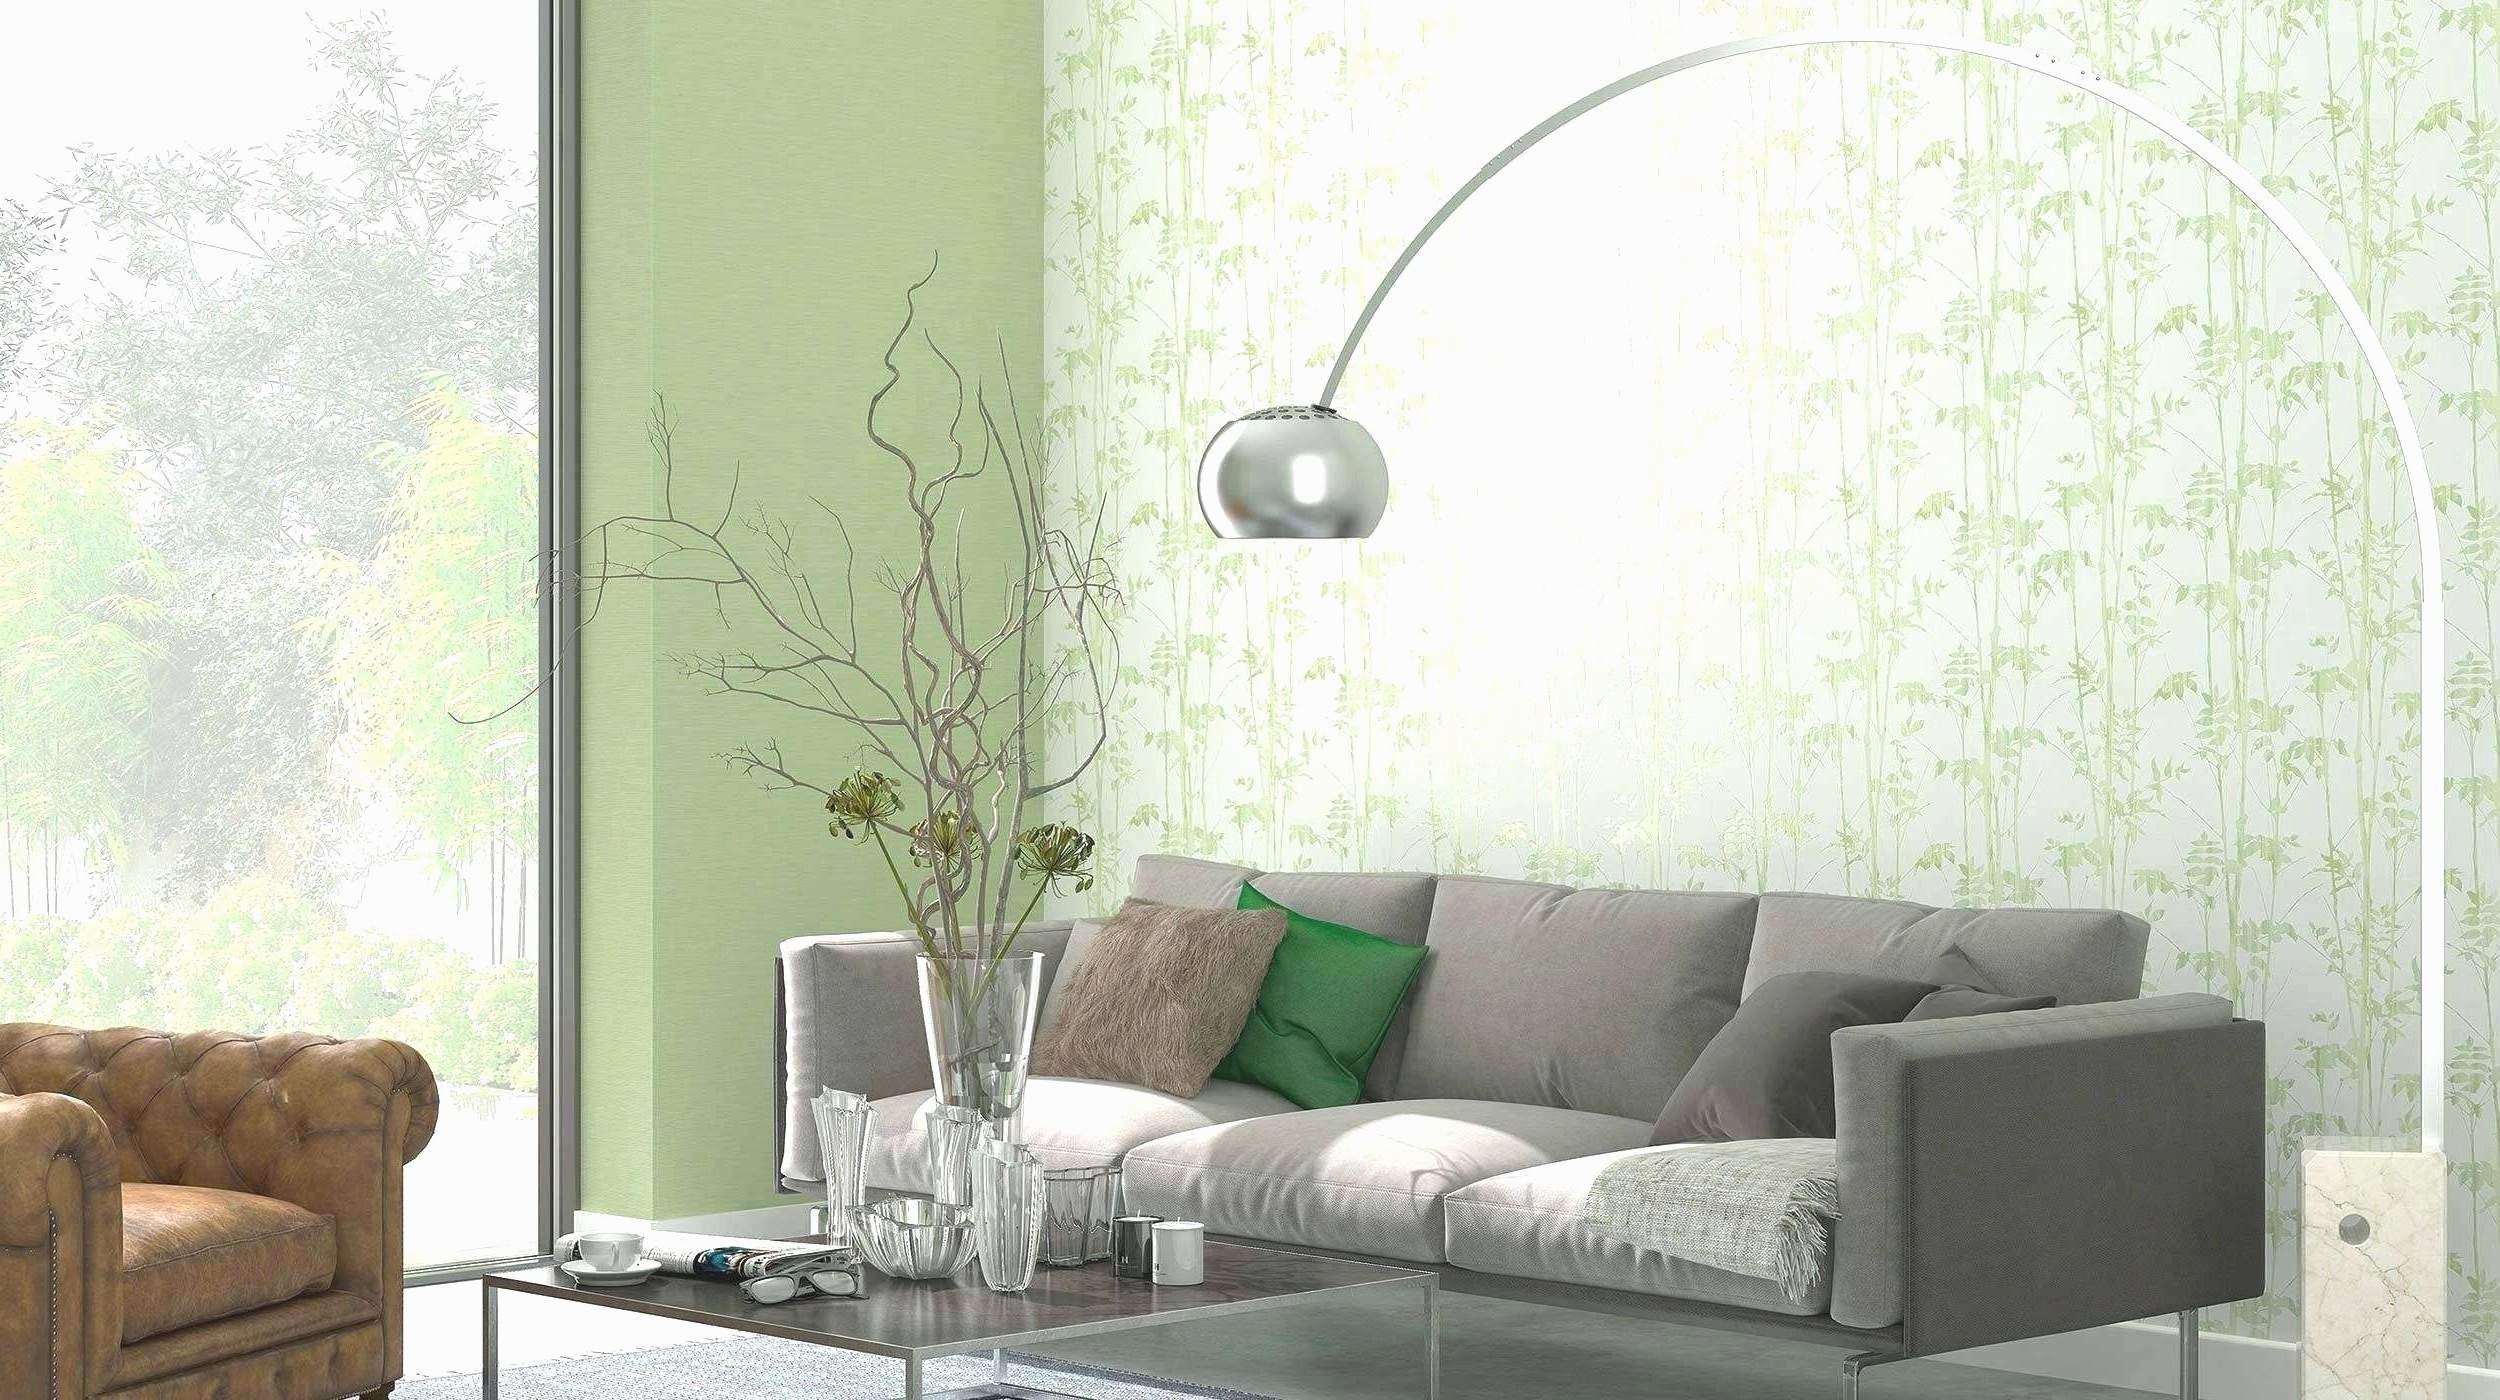 wohnzimmer gestaltung inspirierend wanddeko ideen wohnzimmer design sie mussen sehen of wohnzimmer gestaltung